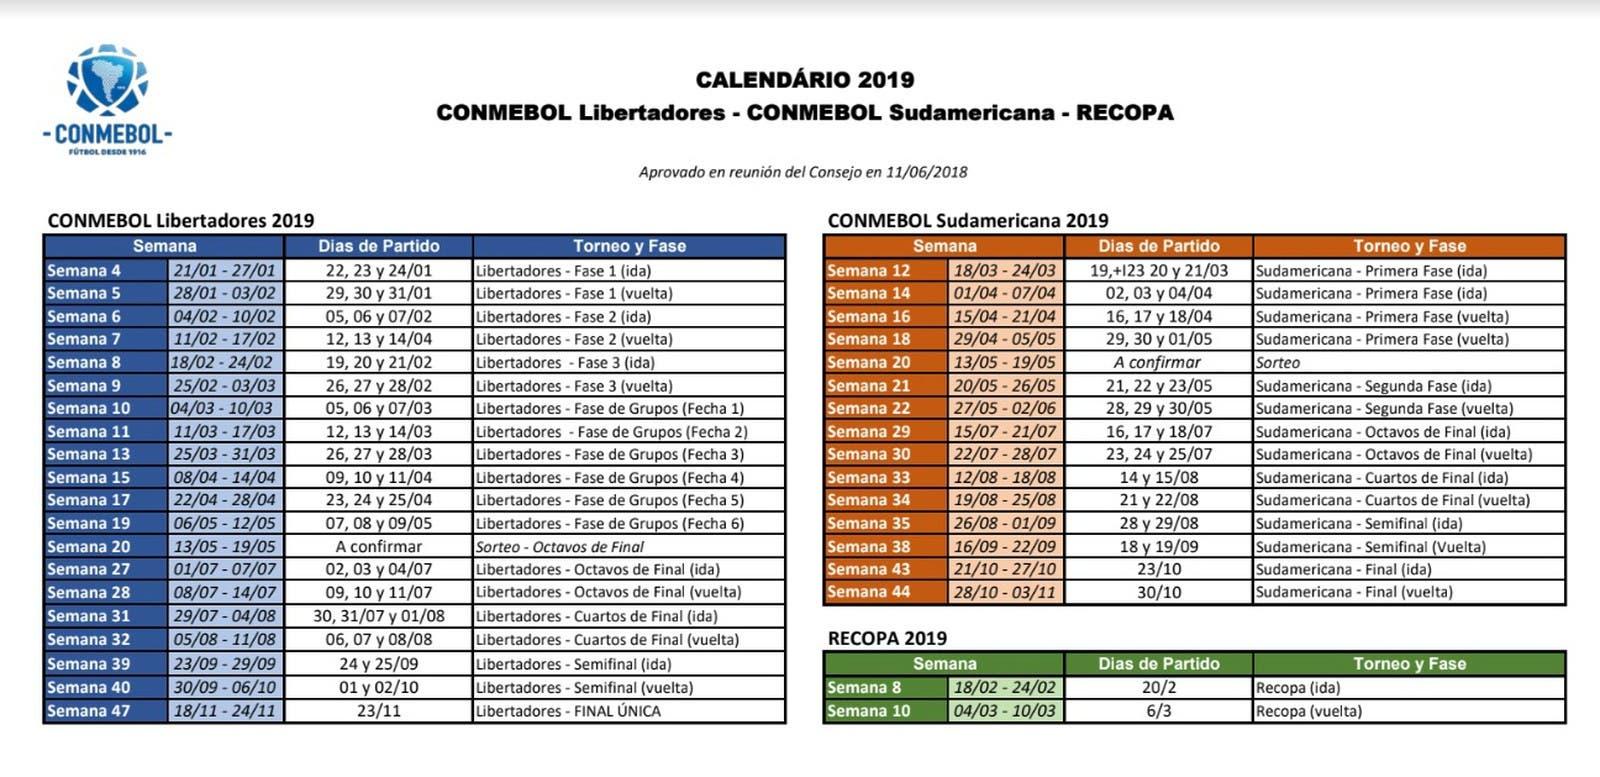 Atenção Tricolores Conmebol Divulga Calendário Da Libertadores De 2019 Netflu